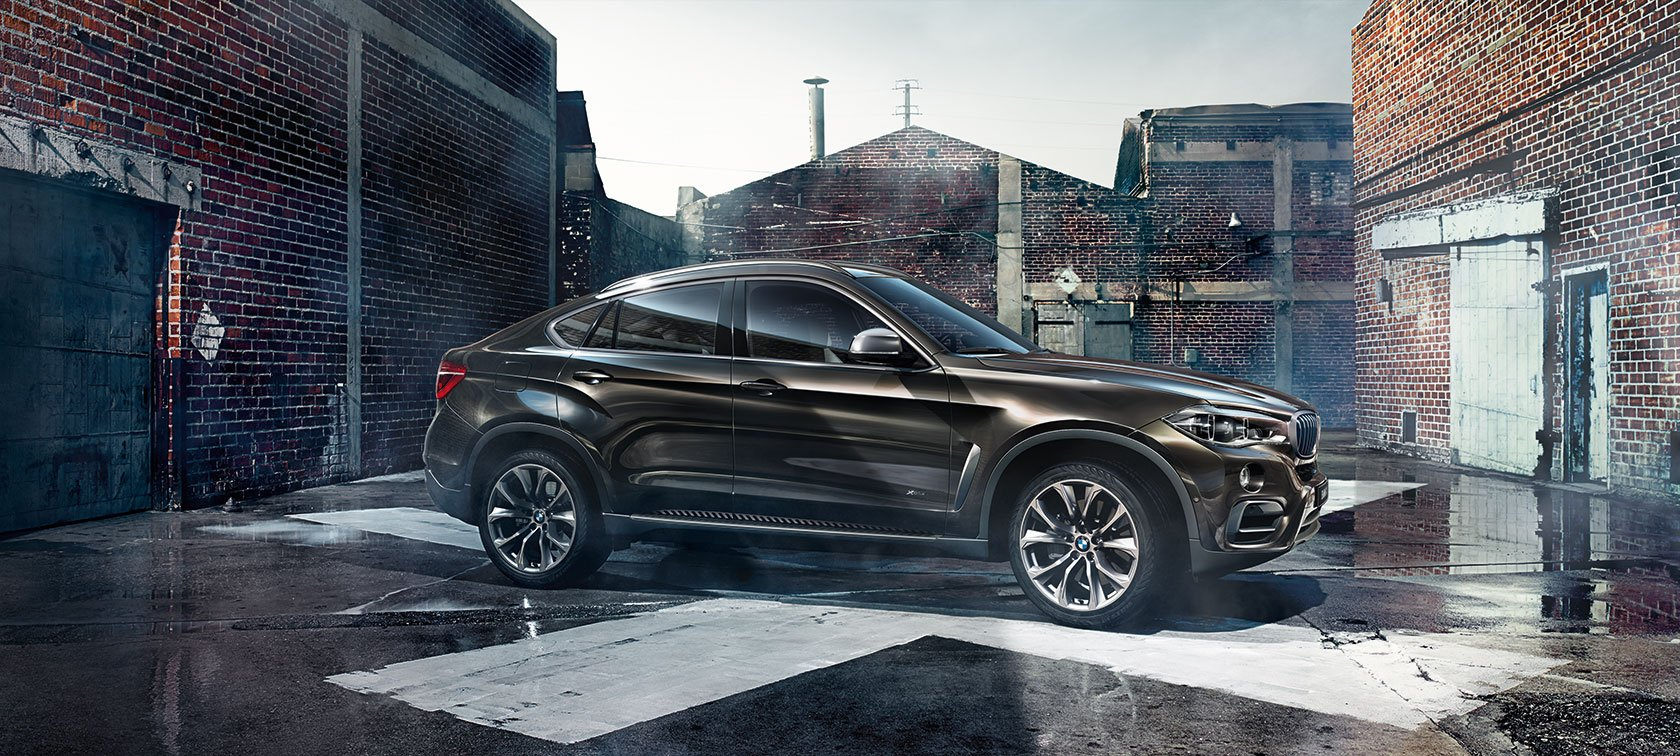 2018款宝马X5/X6正式上市 售75.8-113.8万元